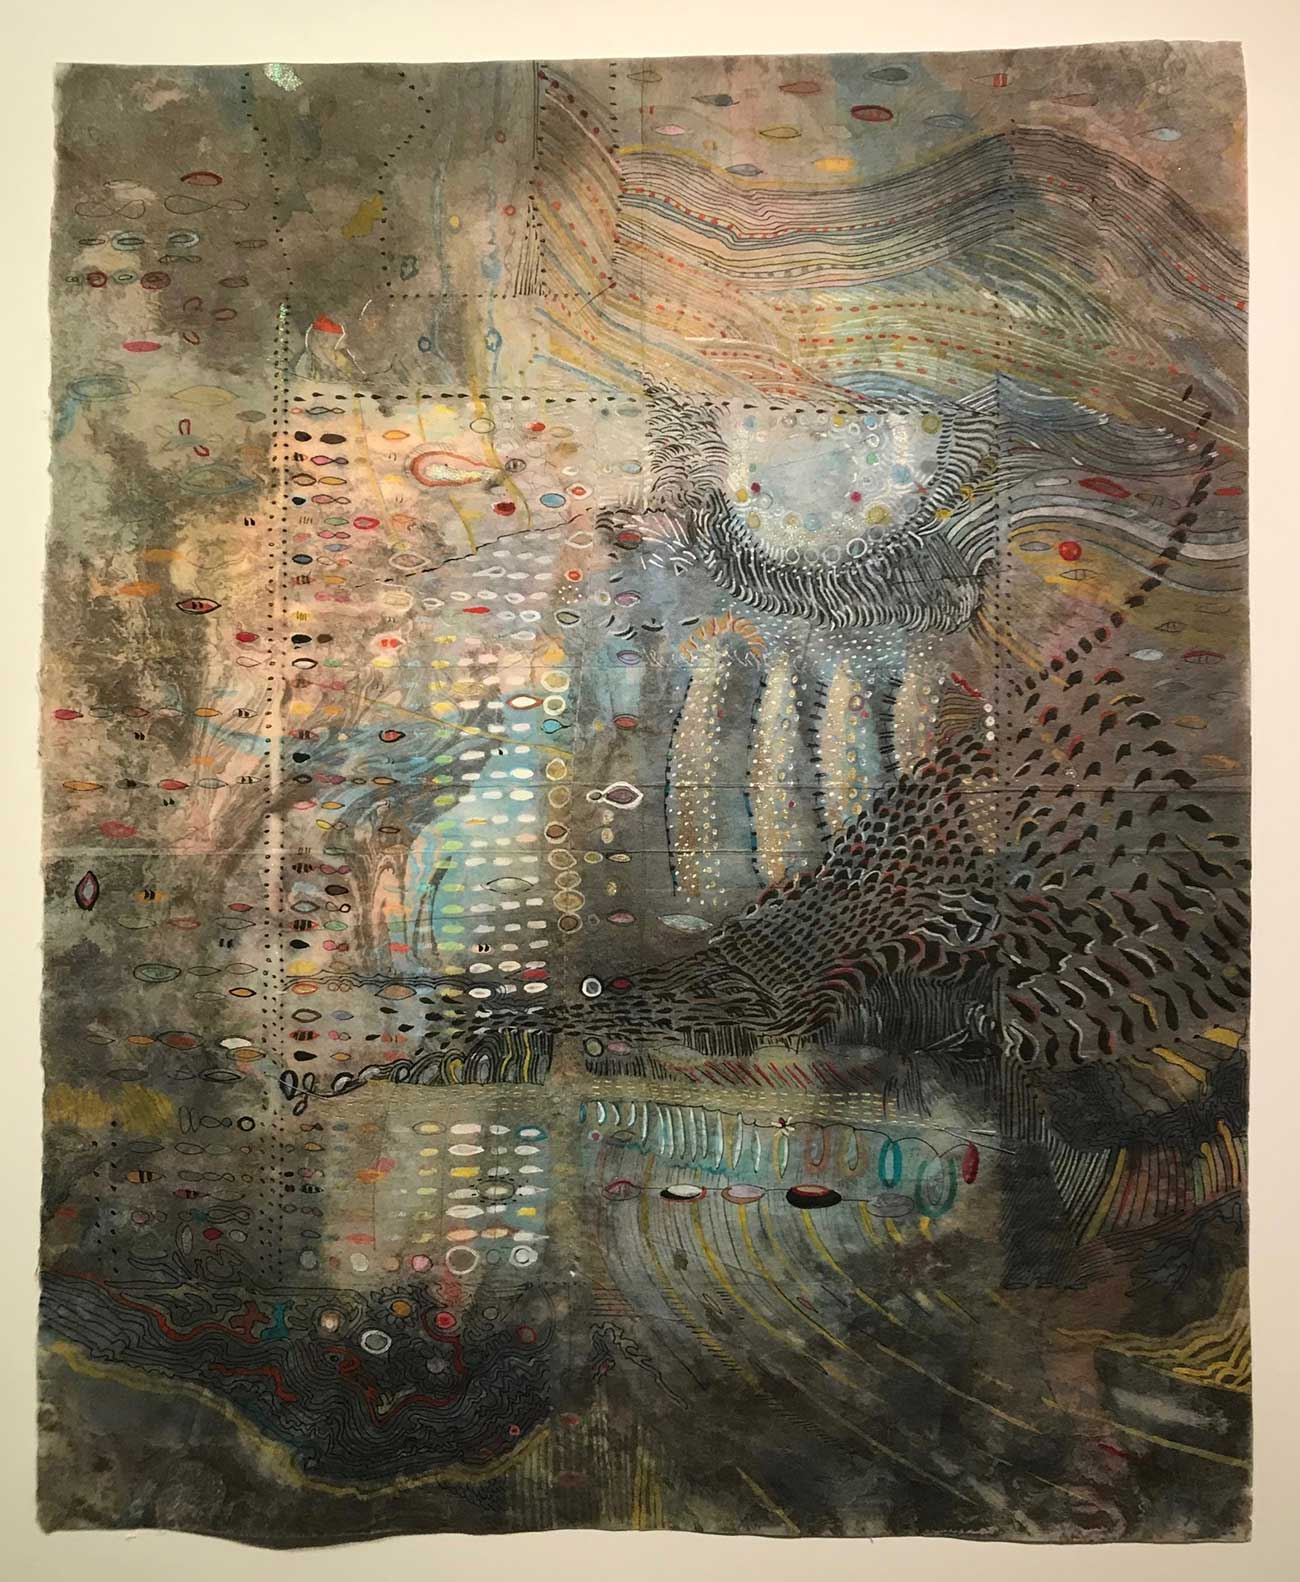 Works on Paper artwork